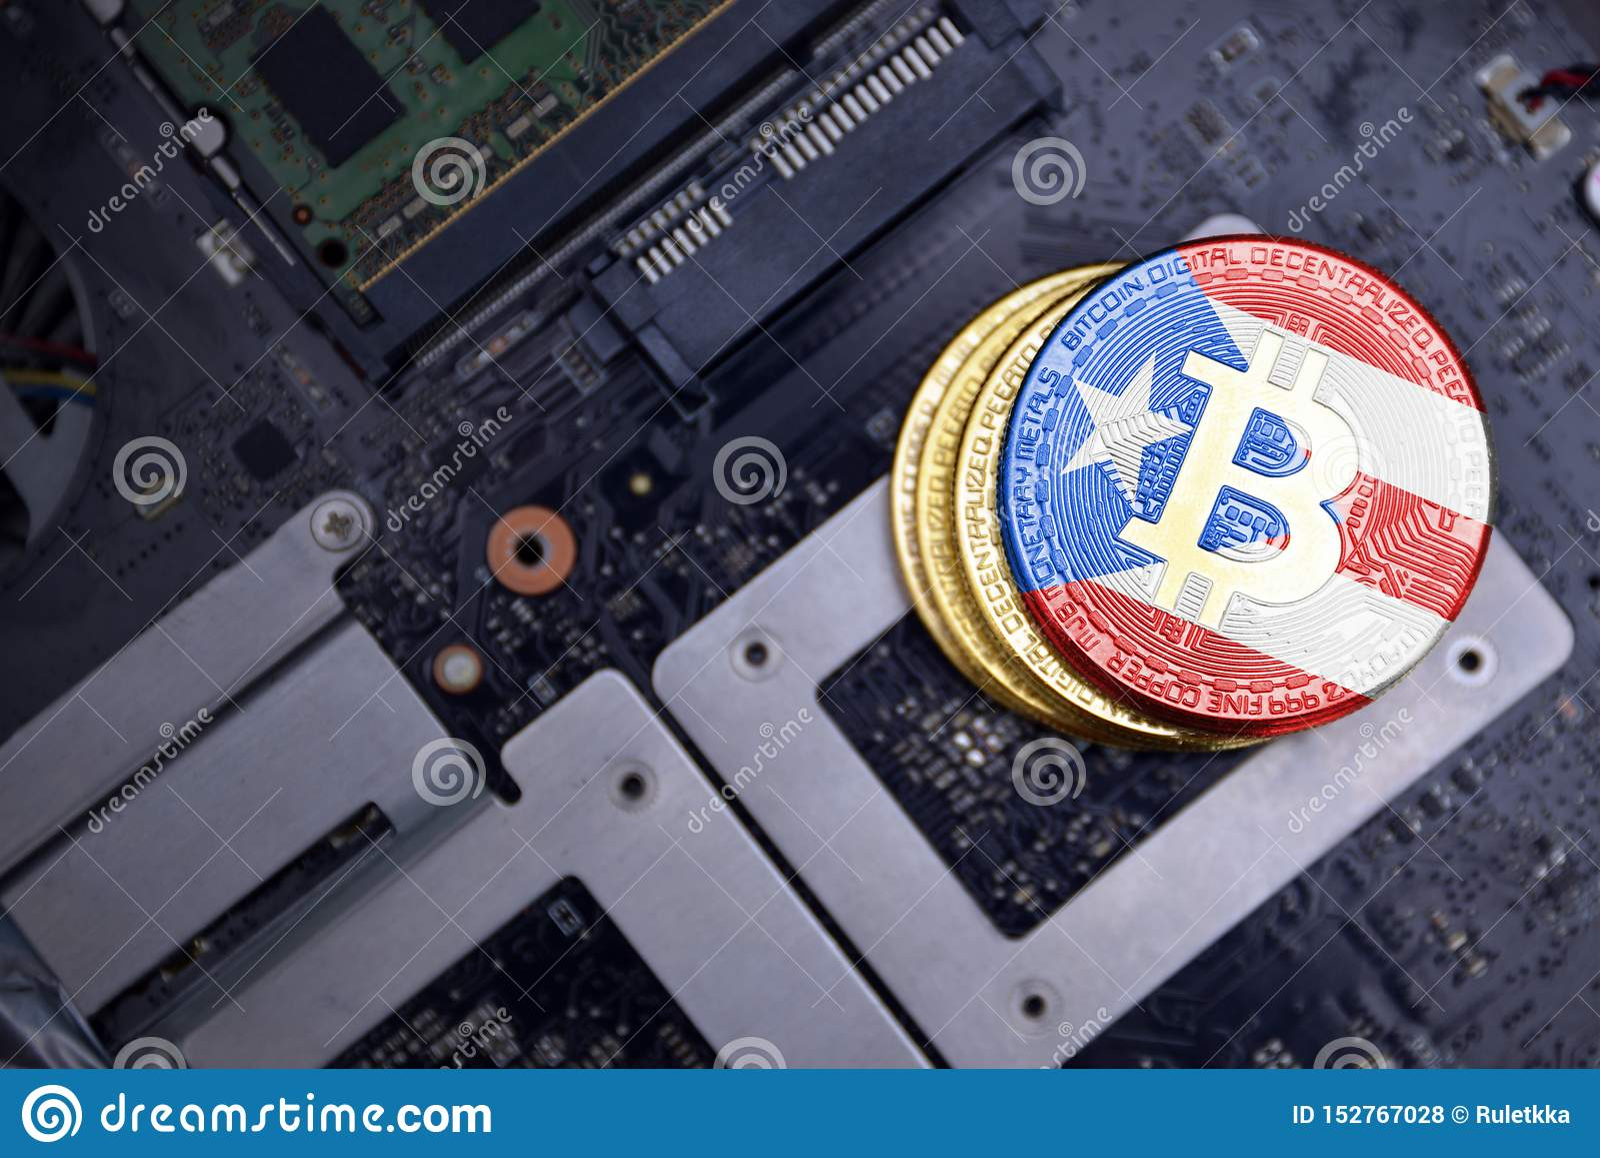 Золотые bitcoins с флагом Пуэрто-Рико на монтажной плате радиотехнической схемы компьютера концепция bitcoin минируя